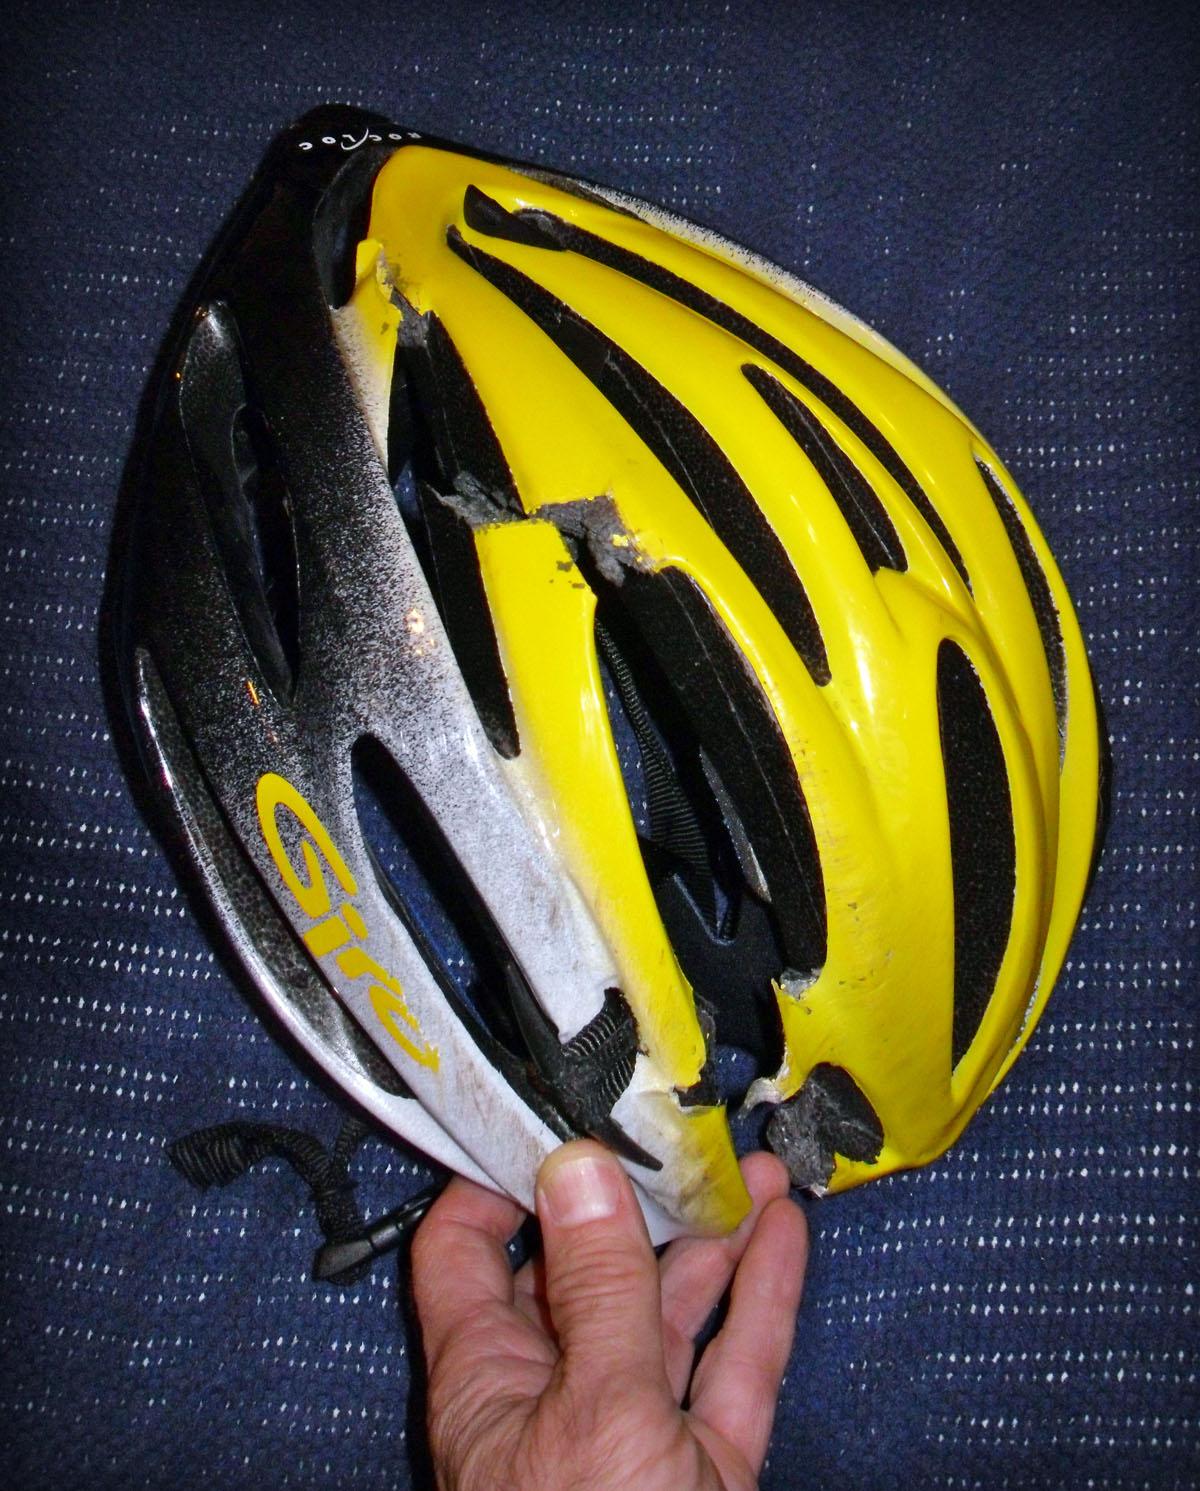 dave-kraus-broken-helmut.jpg